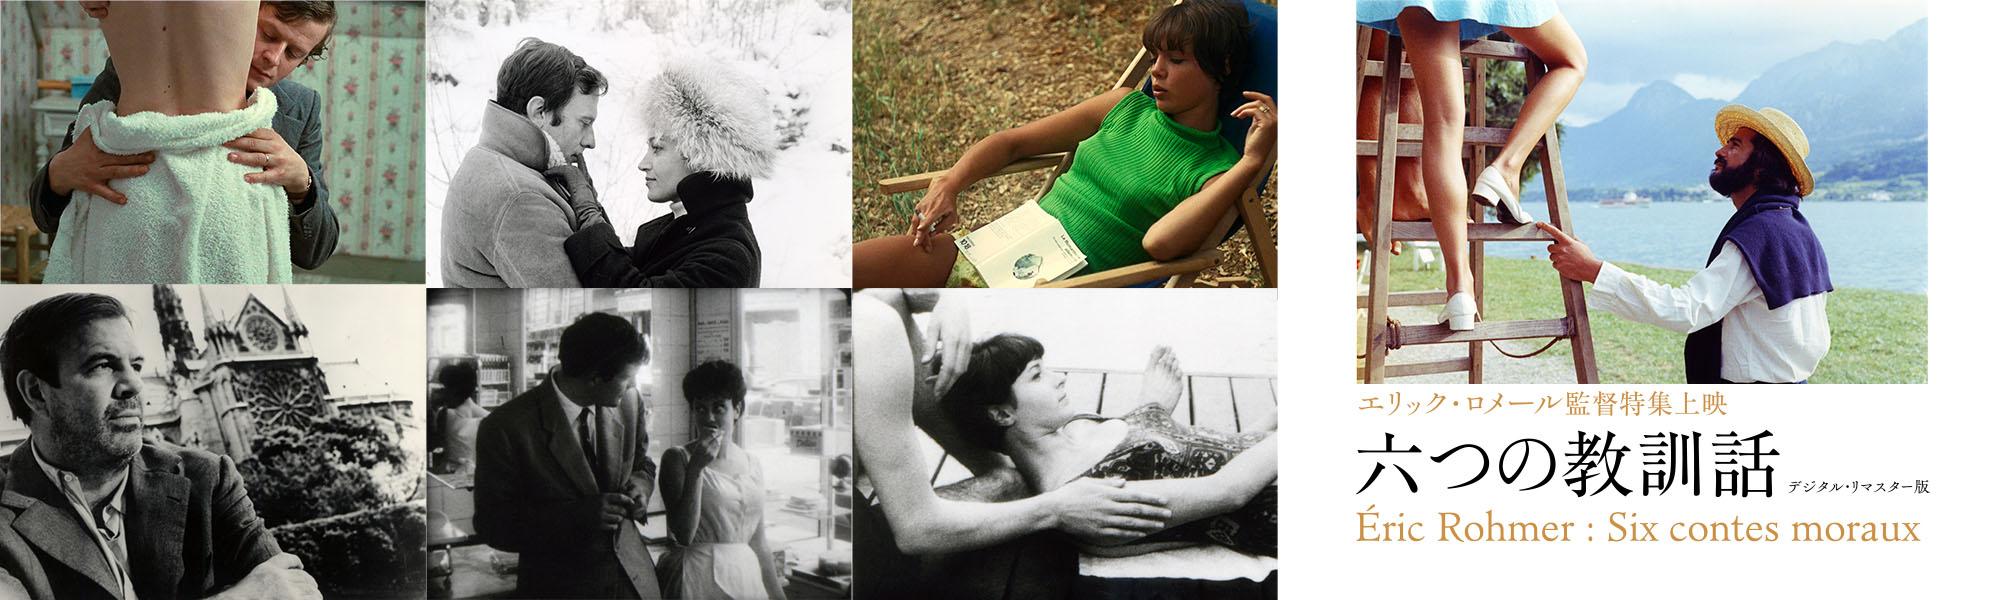 エリック・ロメール監督特集上映 六つの教訓話 デジタル・リマスター版